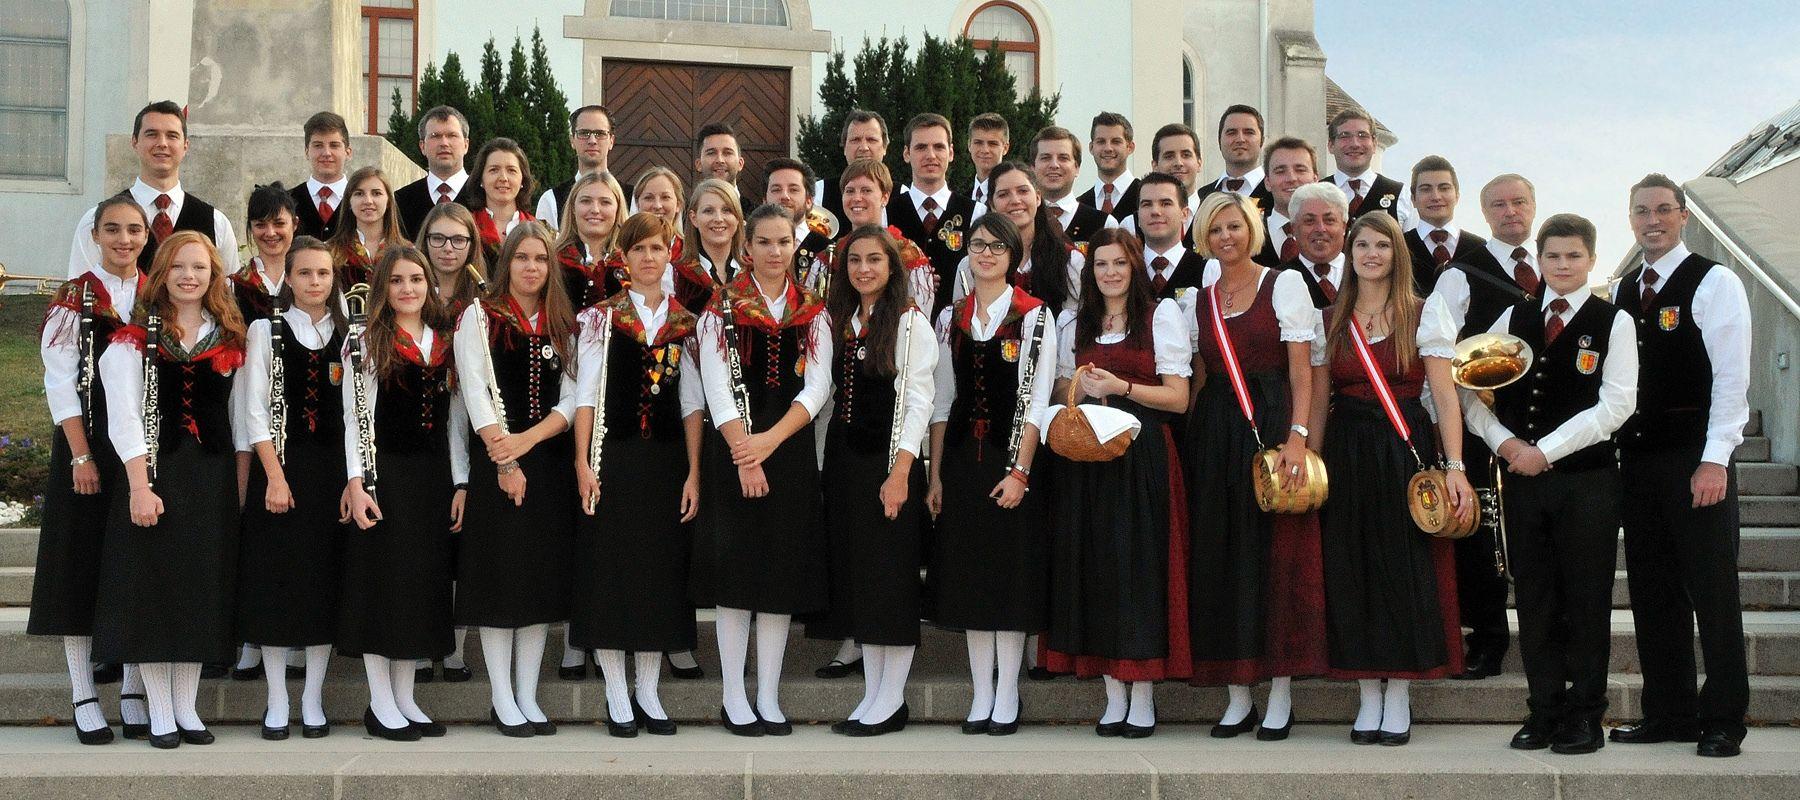 Der Musikverein Deutschkreutz heißt Sie herzlich willkommen!